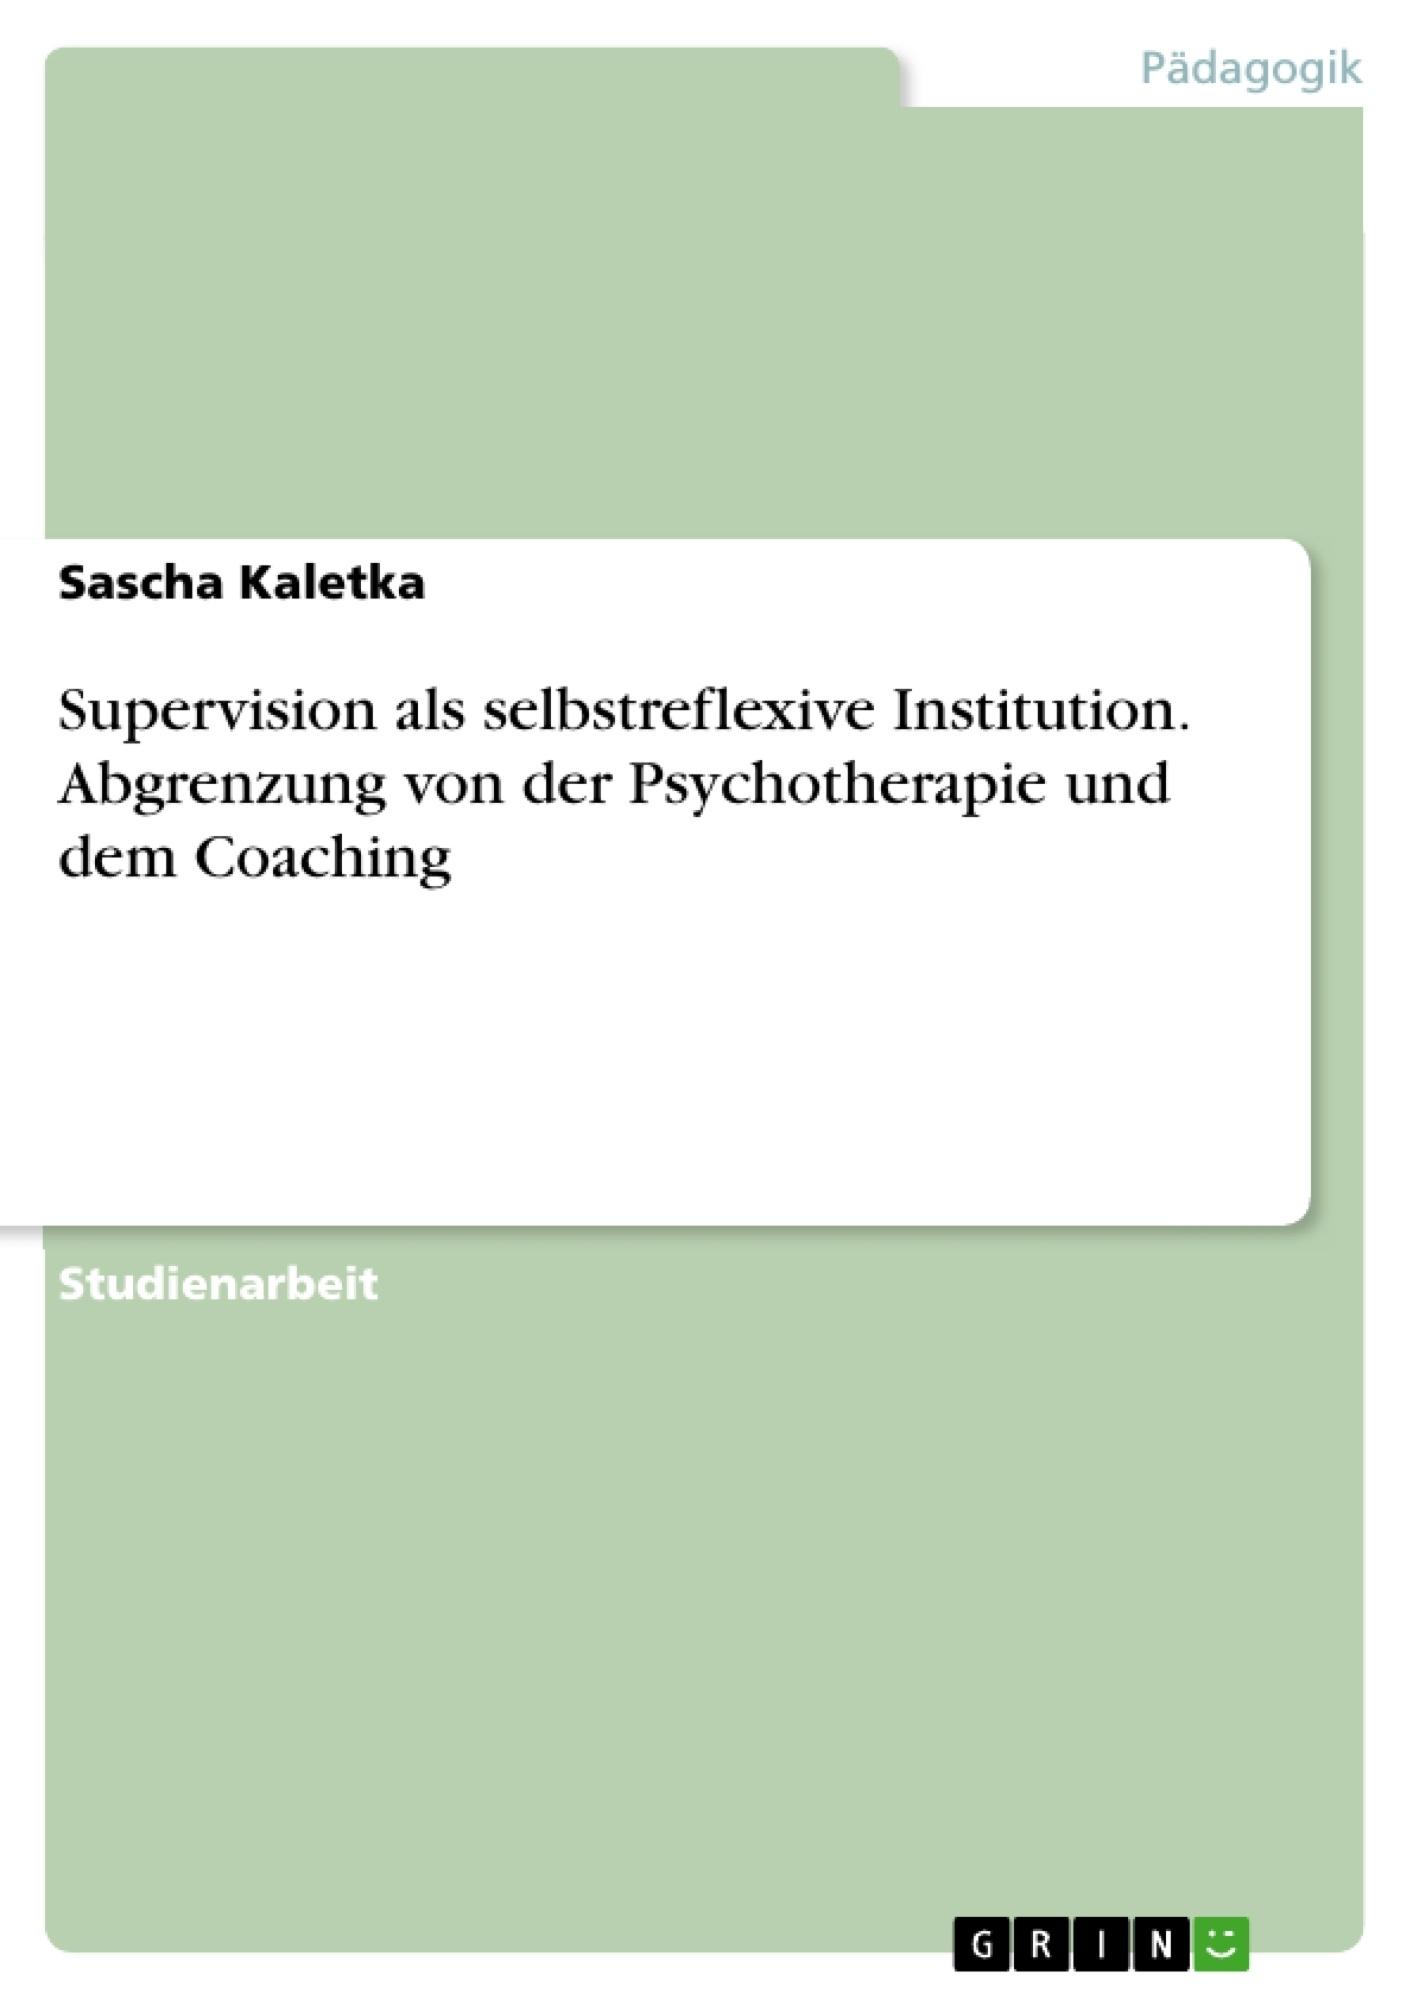 Titel: Supervision als selbstreflexive Institution. Abgrenzung von der Psychotherapie und dem Coaching